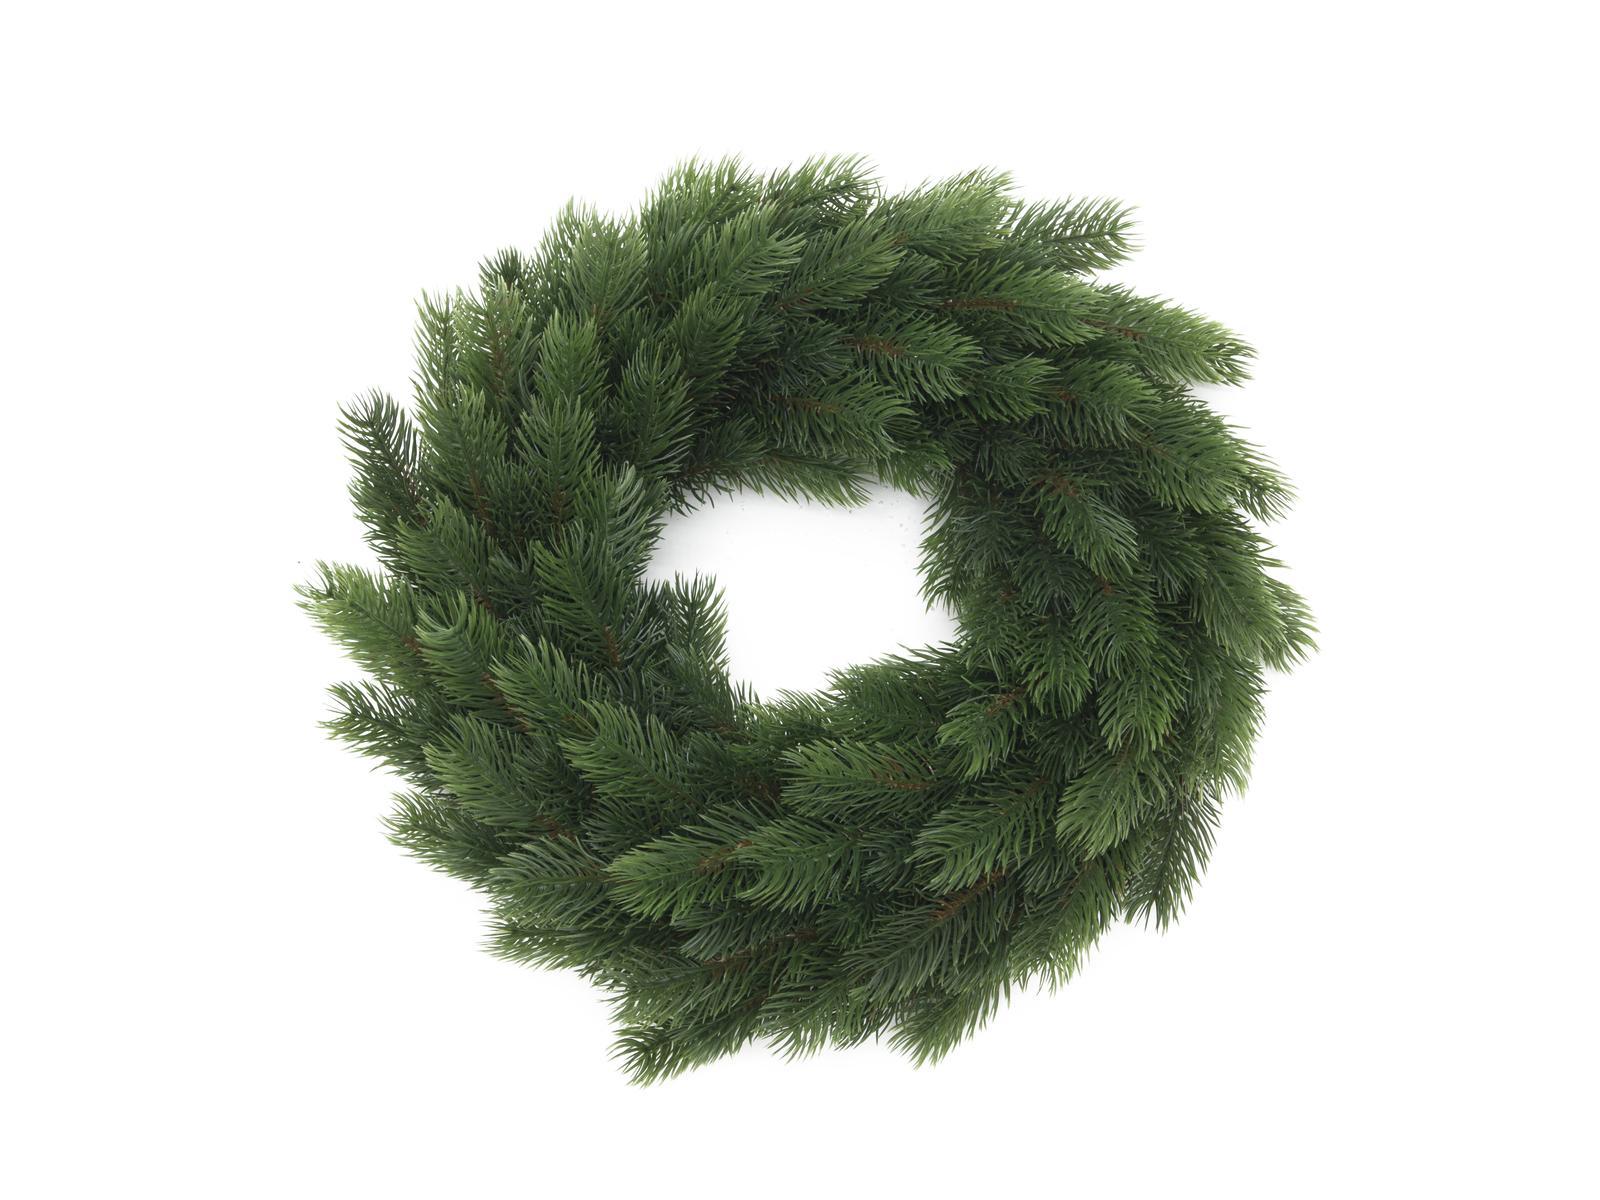 Christmas garland of Fir 45 Cm in Polietene Europalms